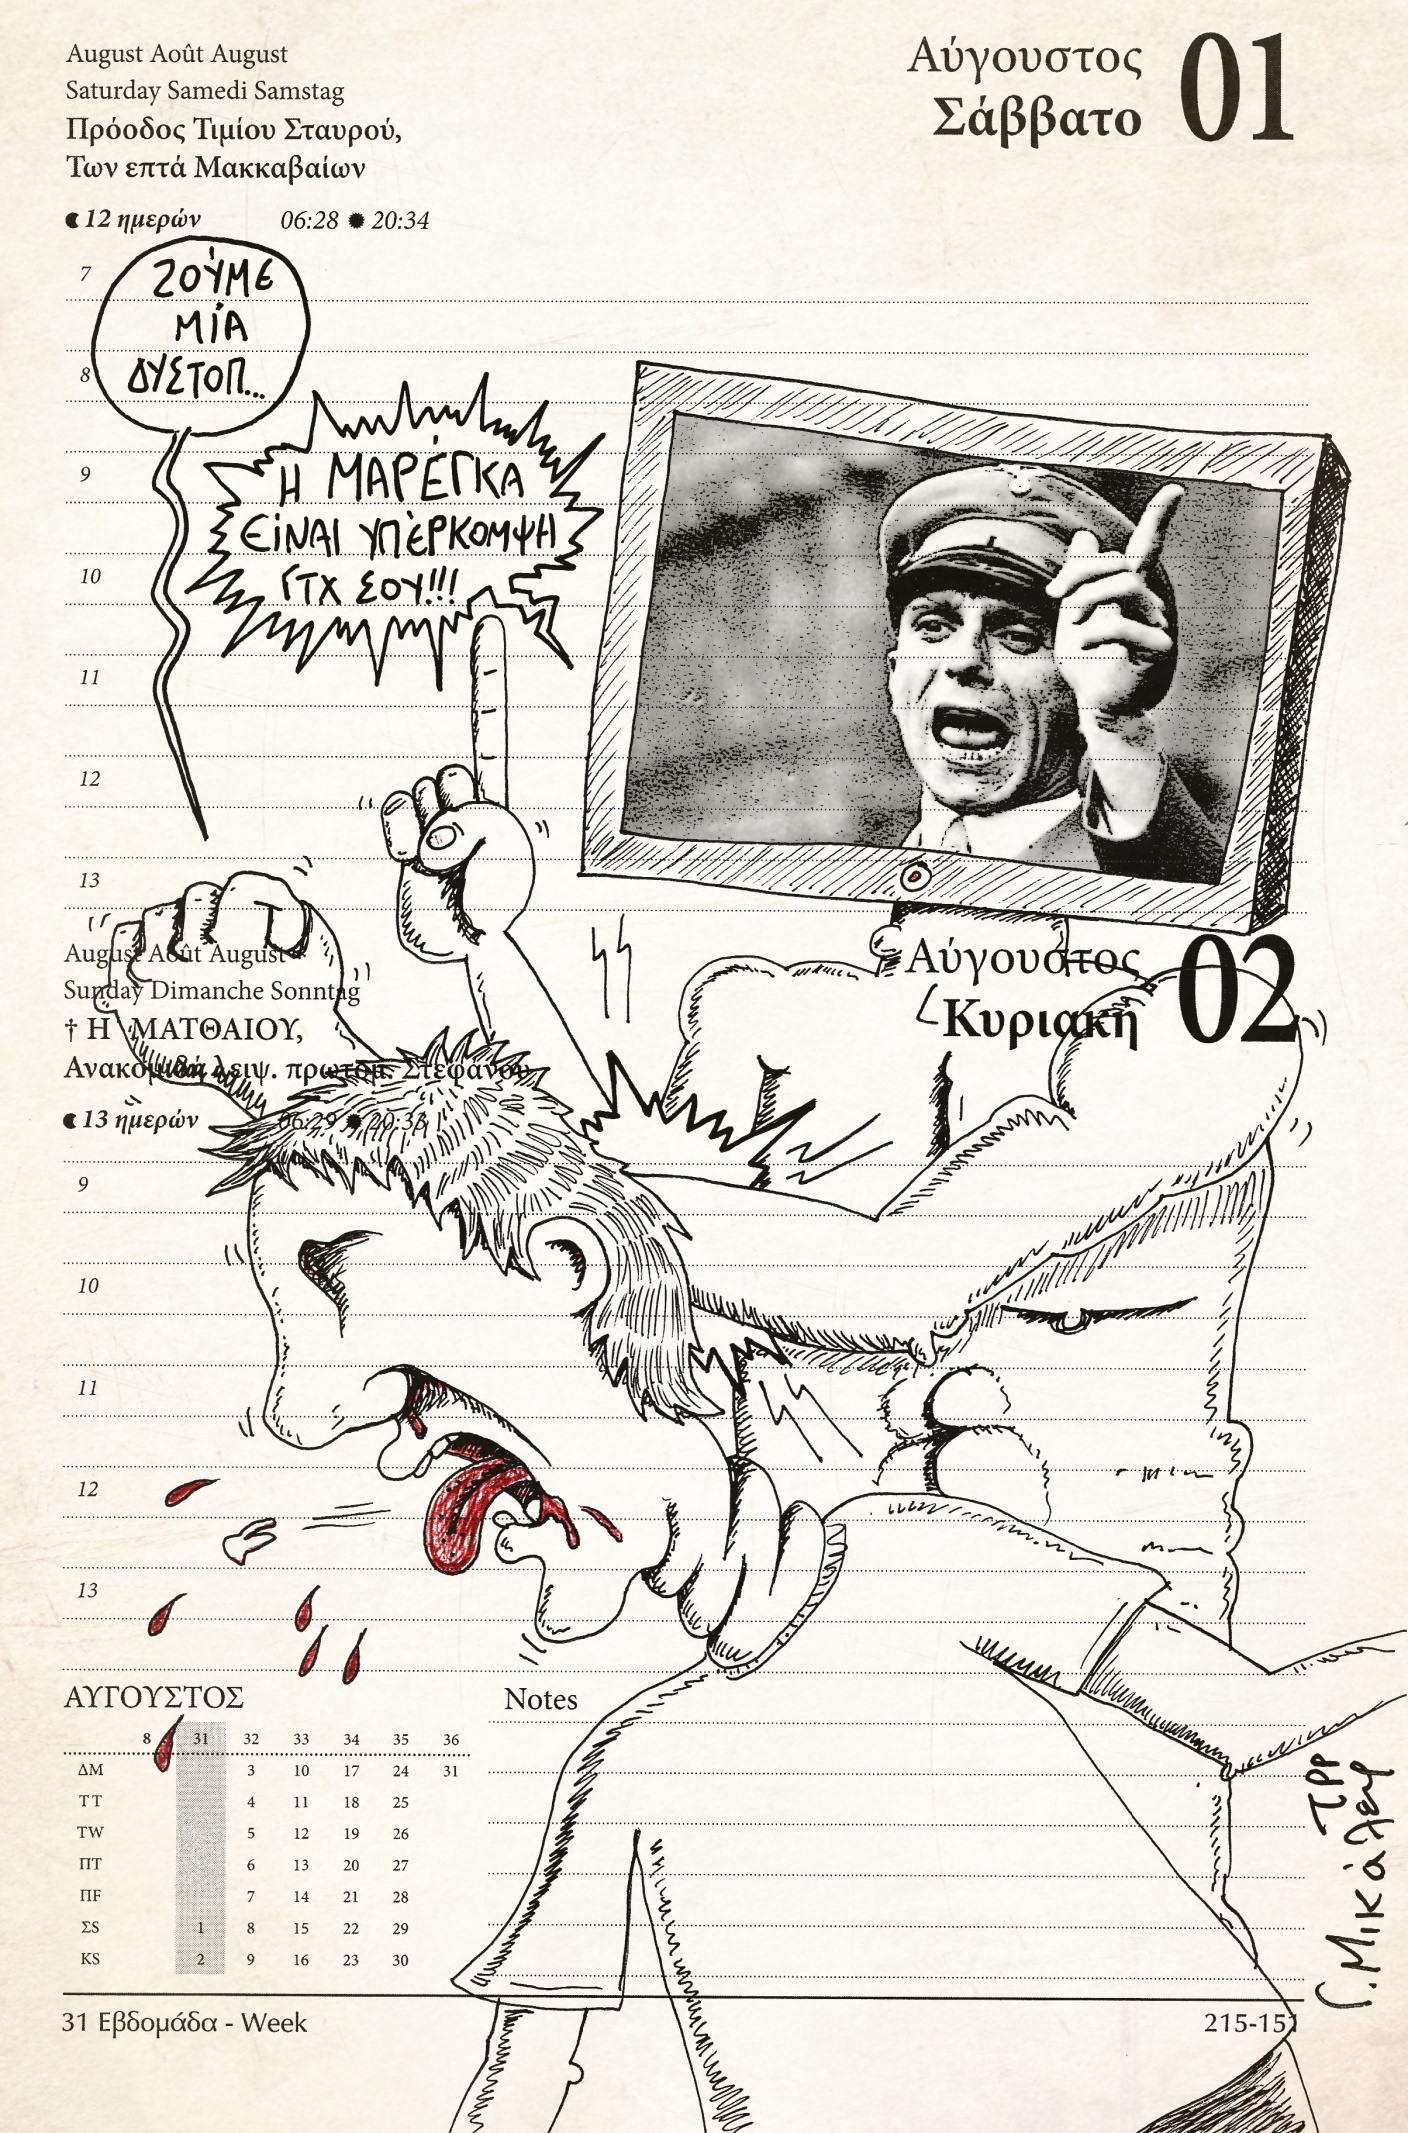 Ημερολόγιο 1ης και 2ας Αυγούστου 2020